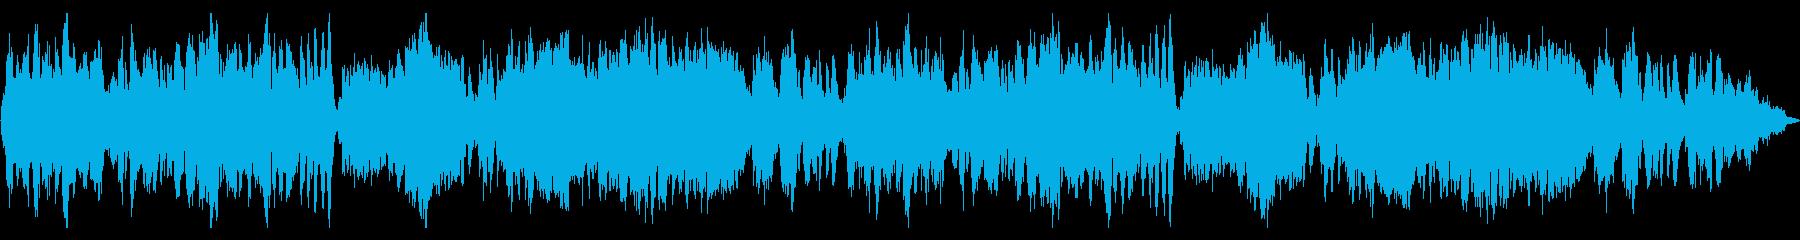 緊張感のある音楽の再生済みの波形